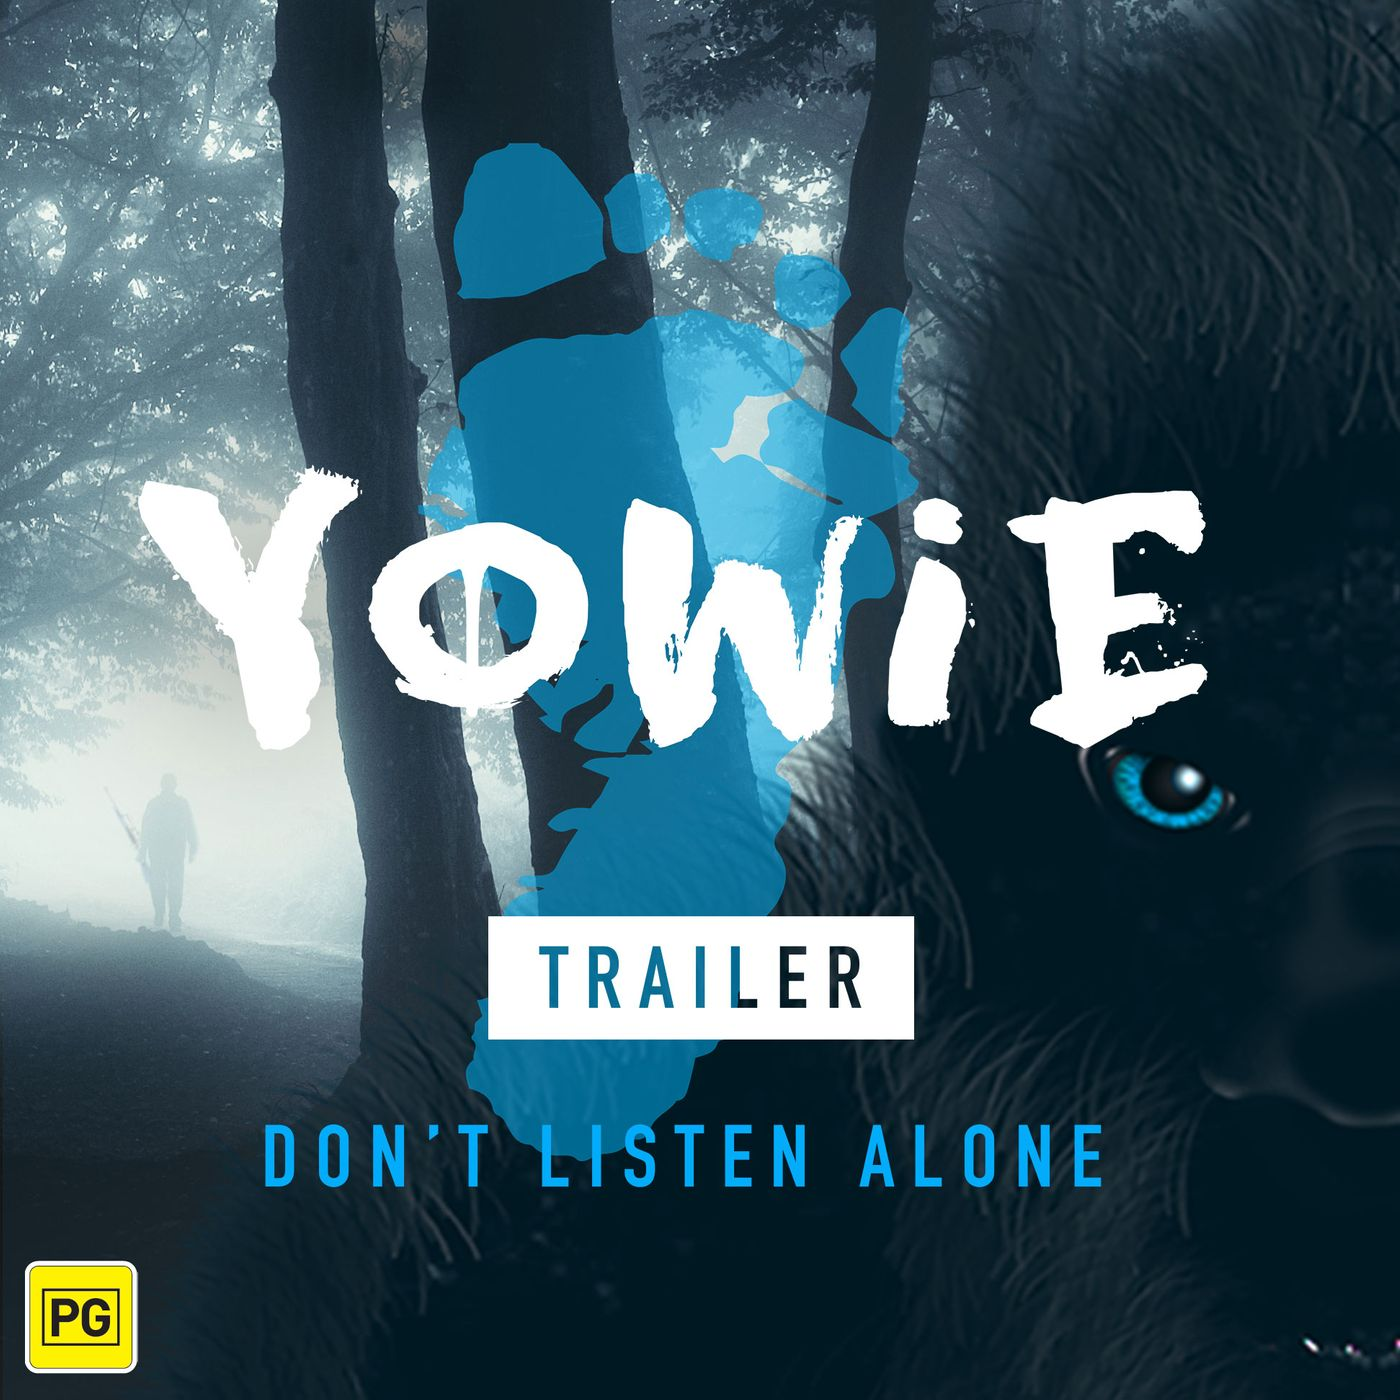 Yowie Trailer